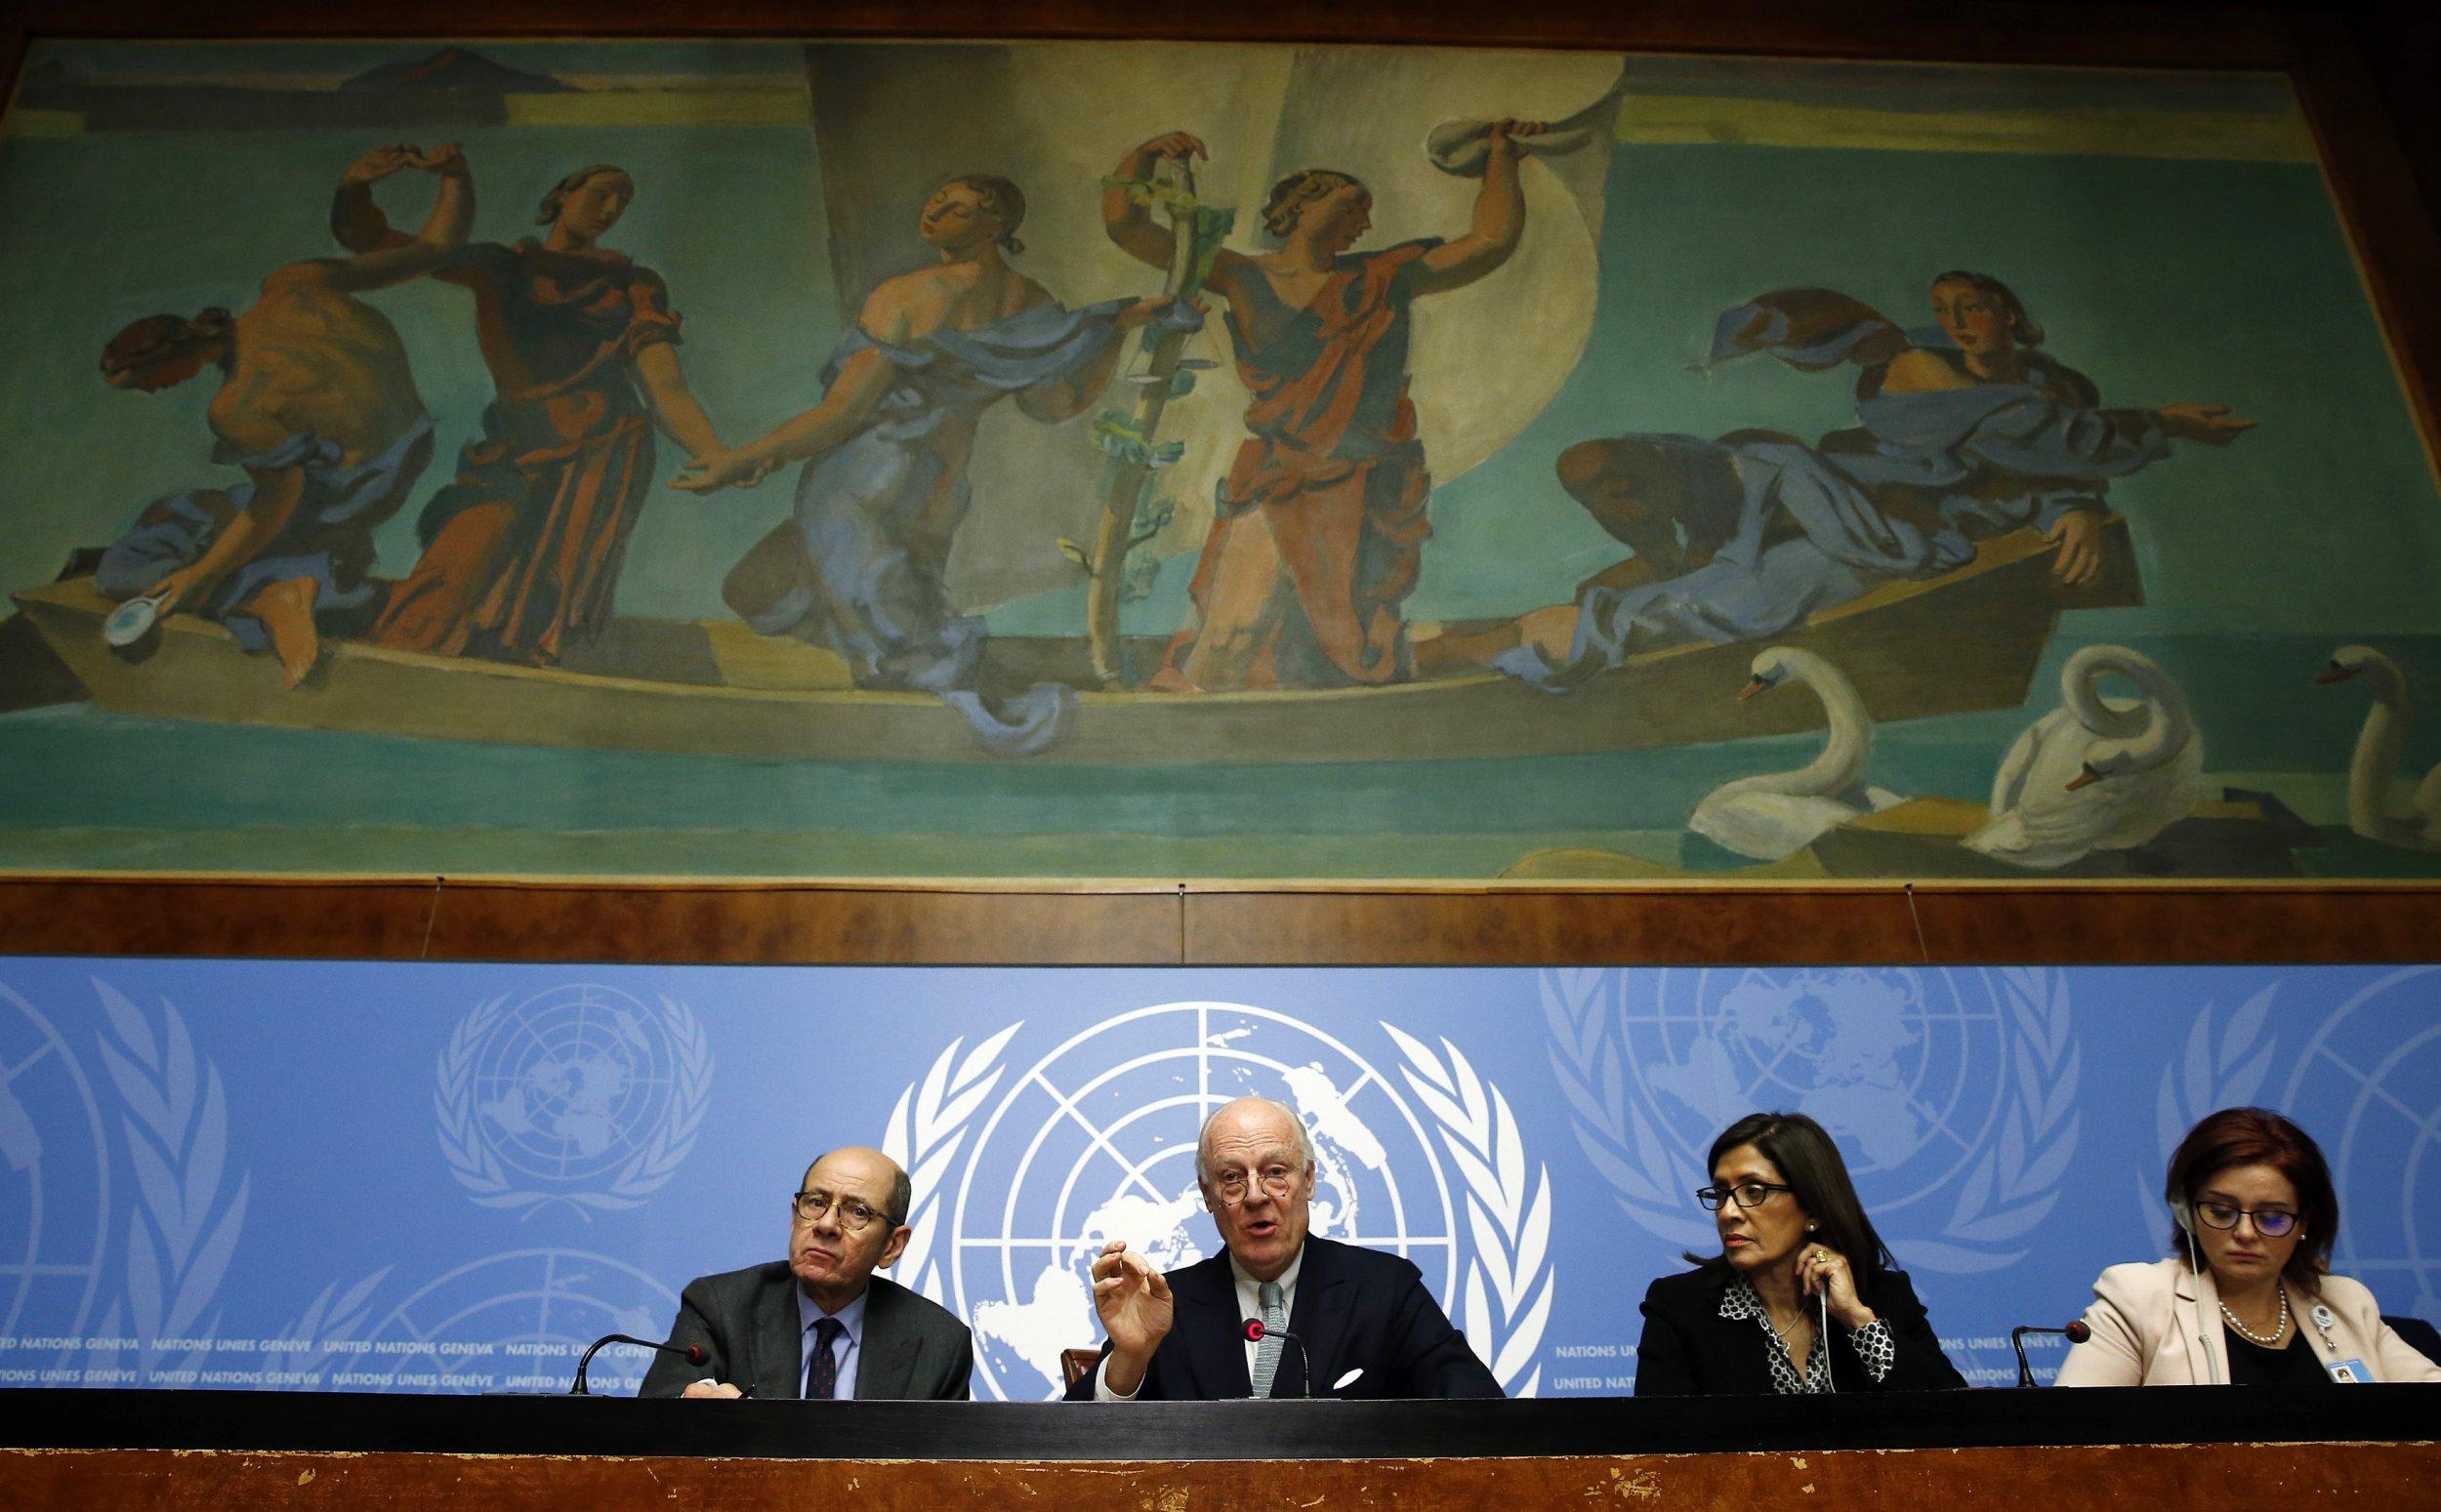 01_25_syria_peace_talks_01